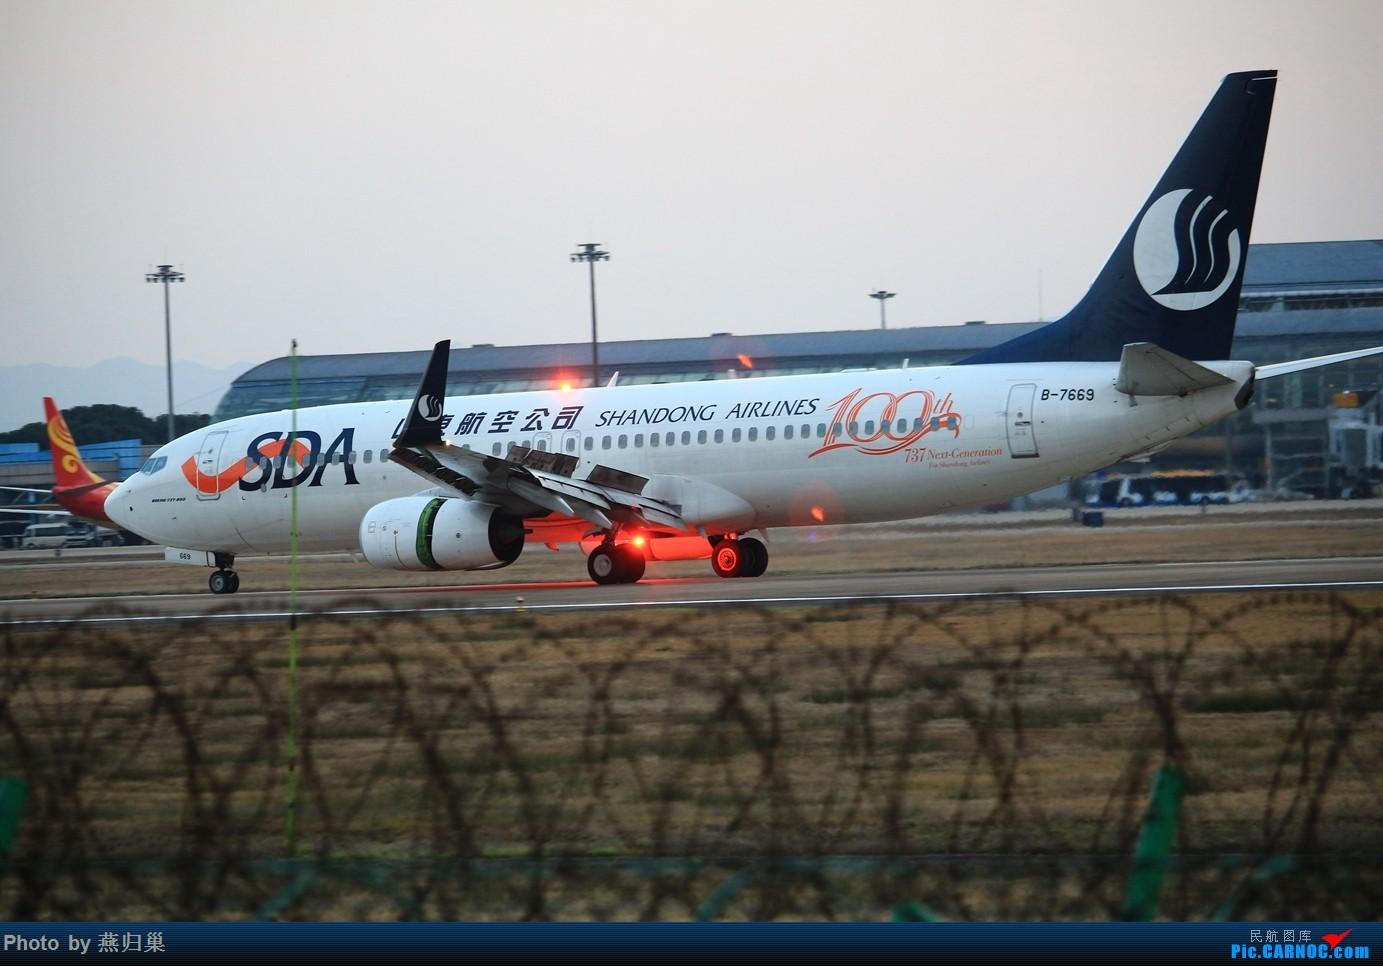 Re:[原创]【宁波飞友会】年前NGB拍机合集 BOEING 737-800 B-7669 中国宁波栎社国际机场